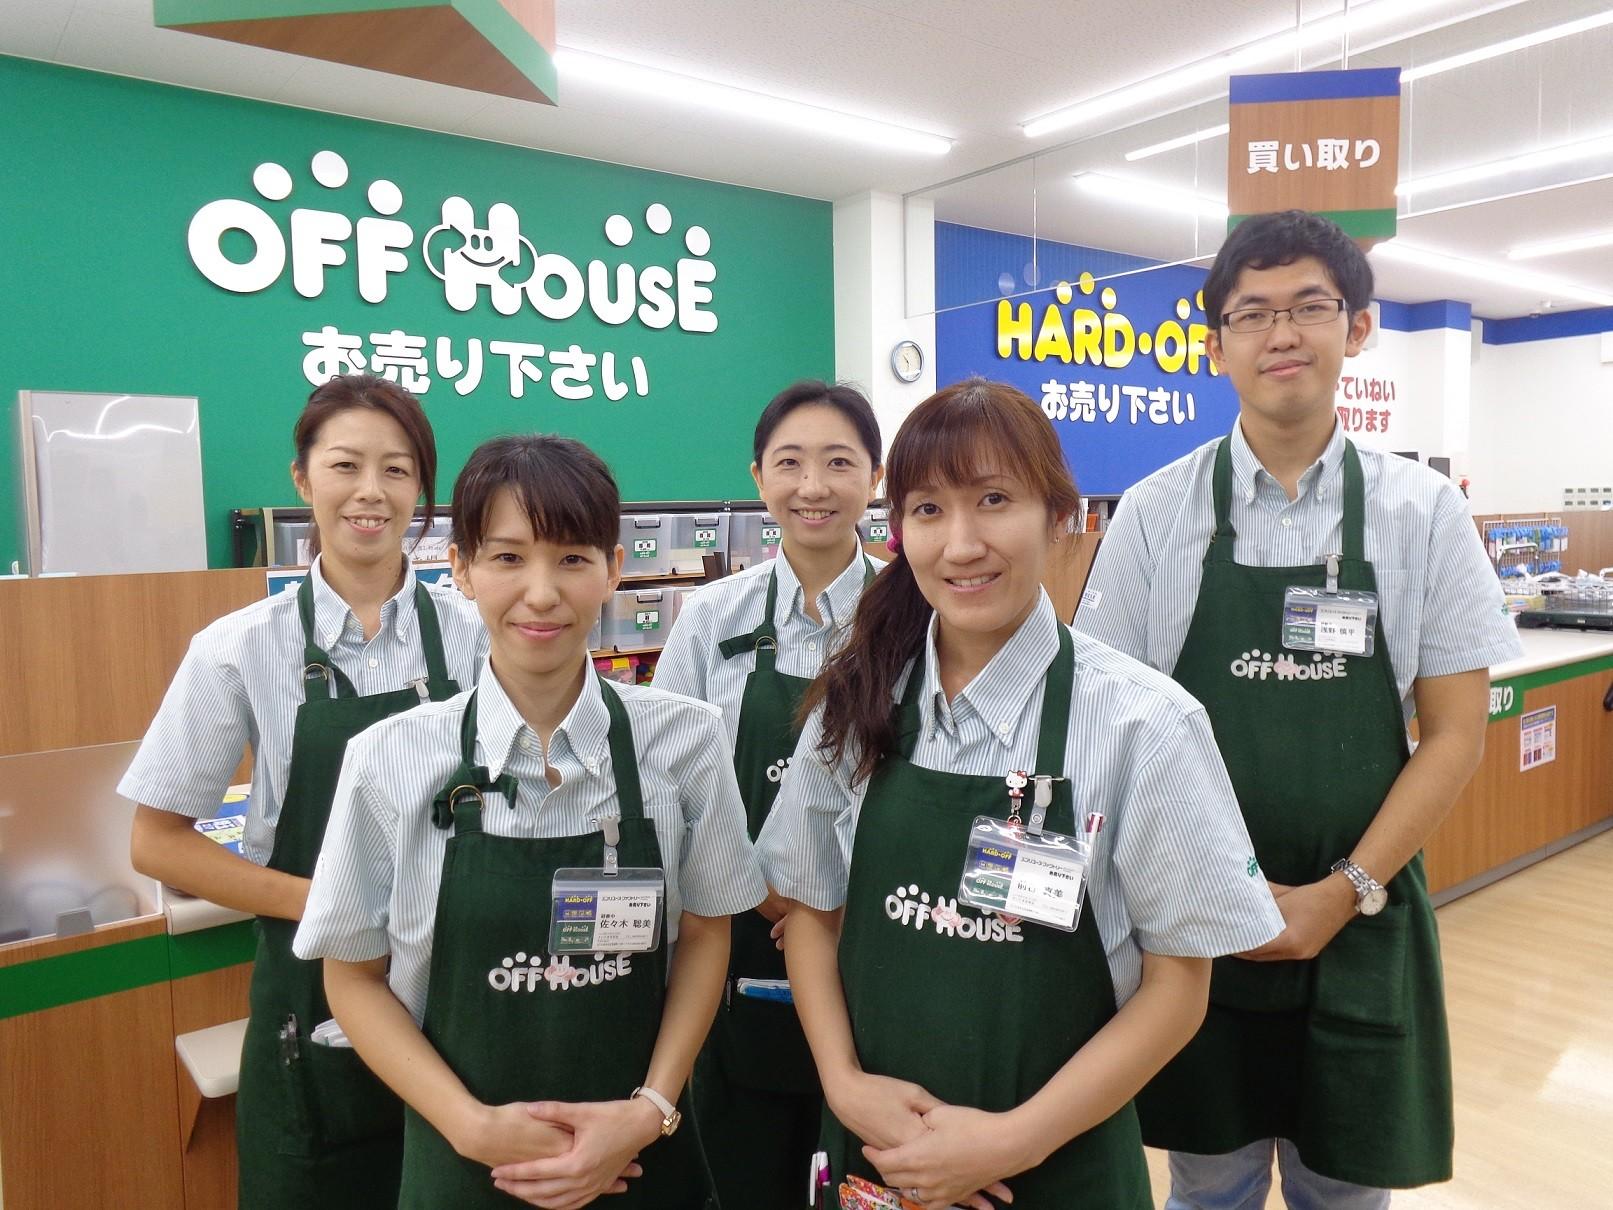 ハードオフ・オフハウス 久喜店 のアルバイト情報